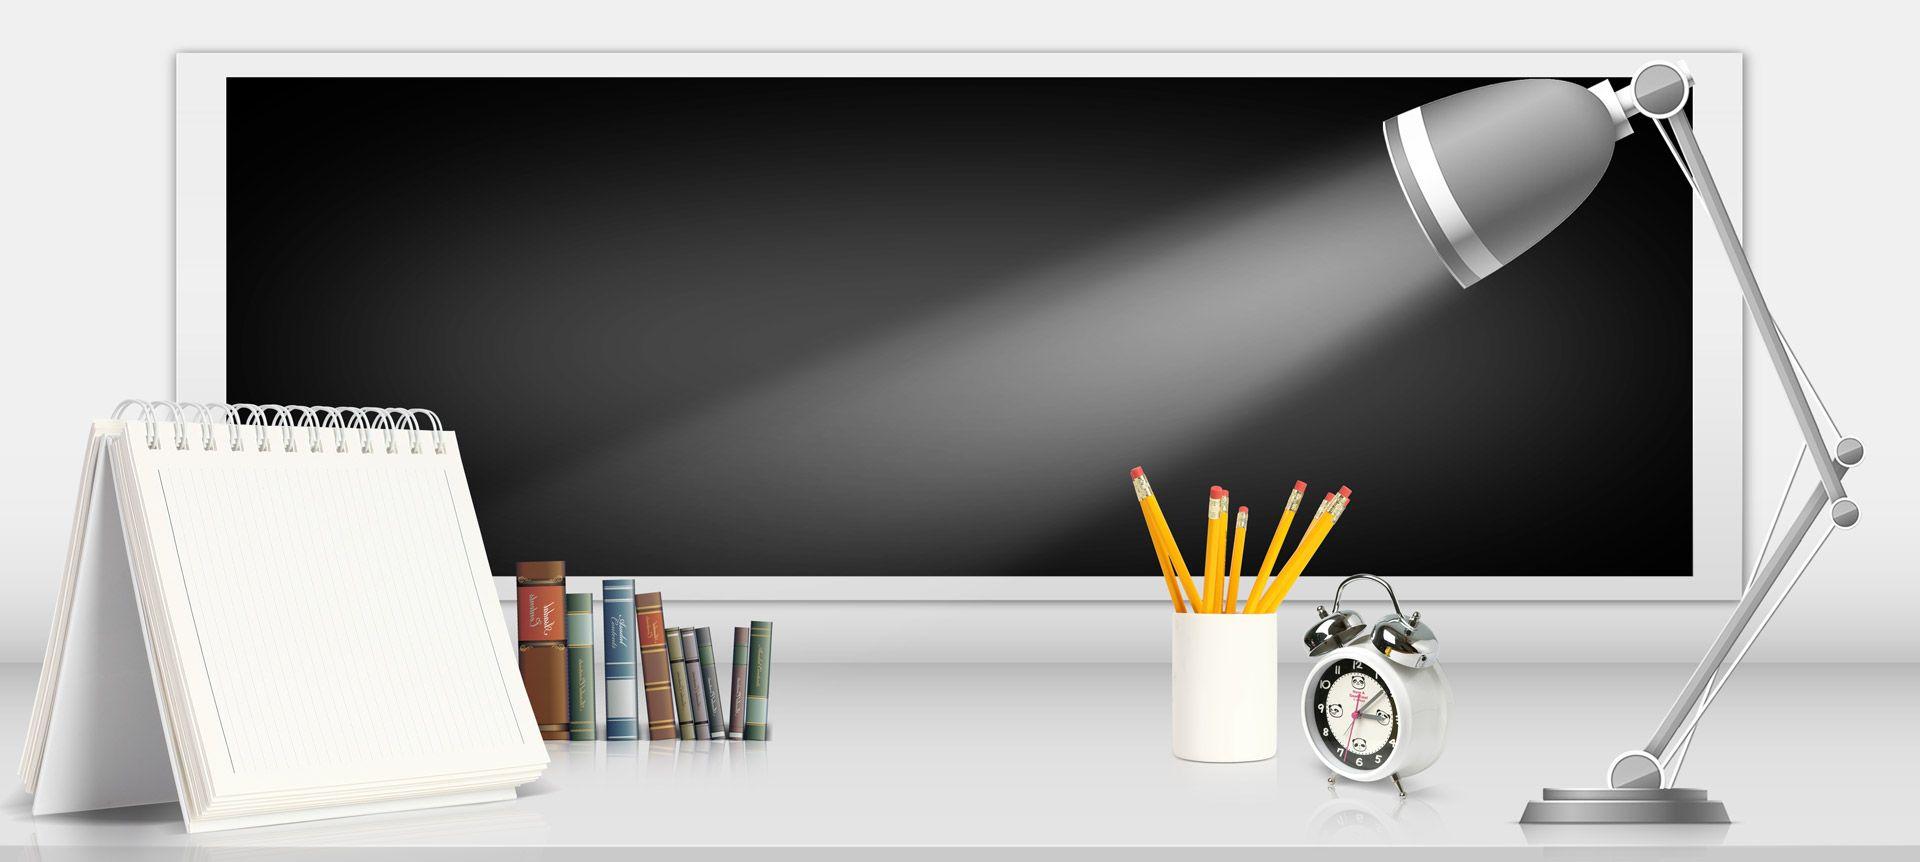 الخلفية التعليمية Study Table Page Borders Design Infographic Design Template